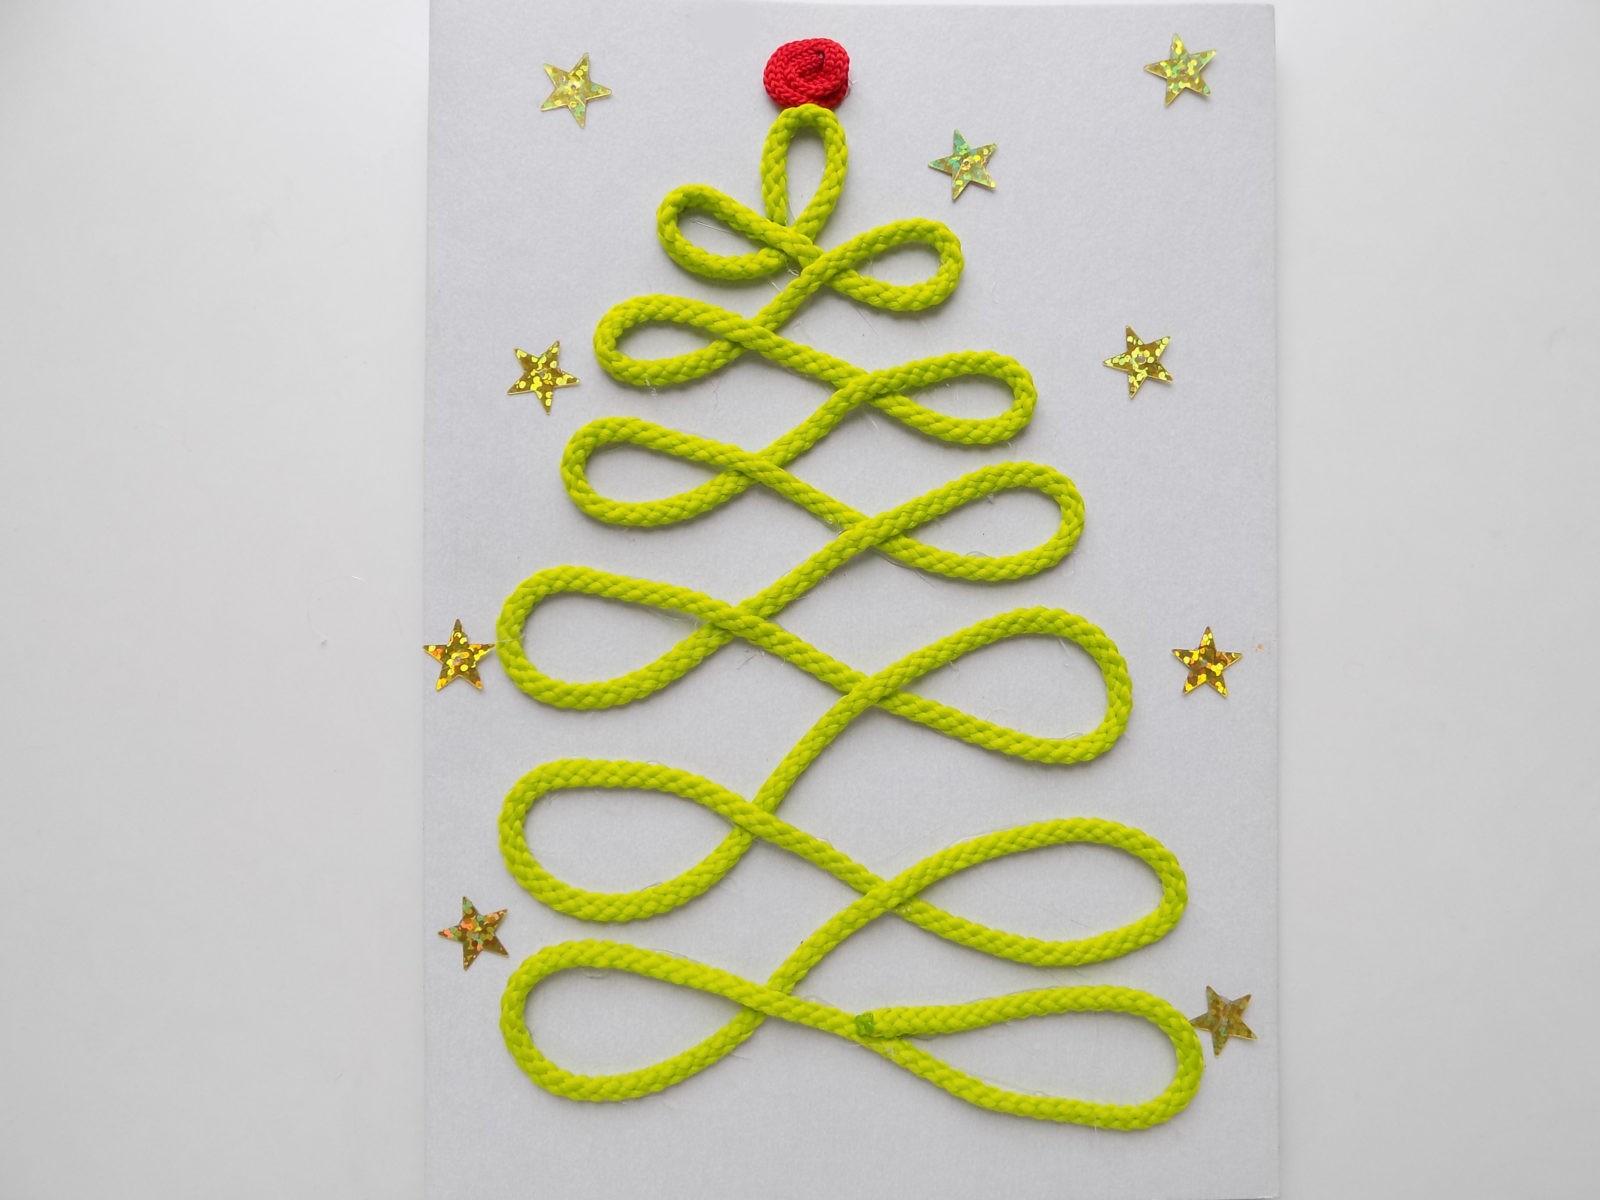 Новогодняя открытка с елочкой из шнура - 9